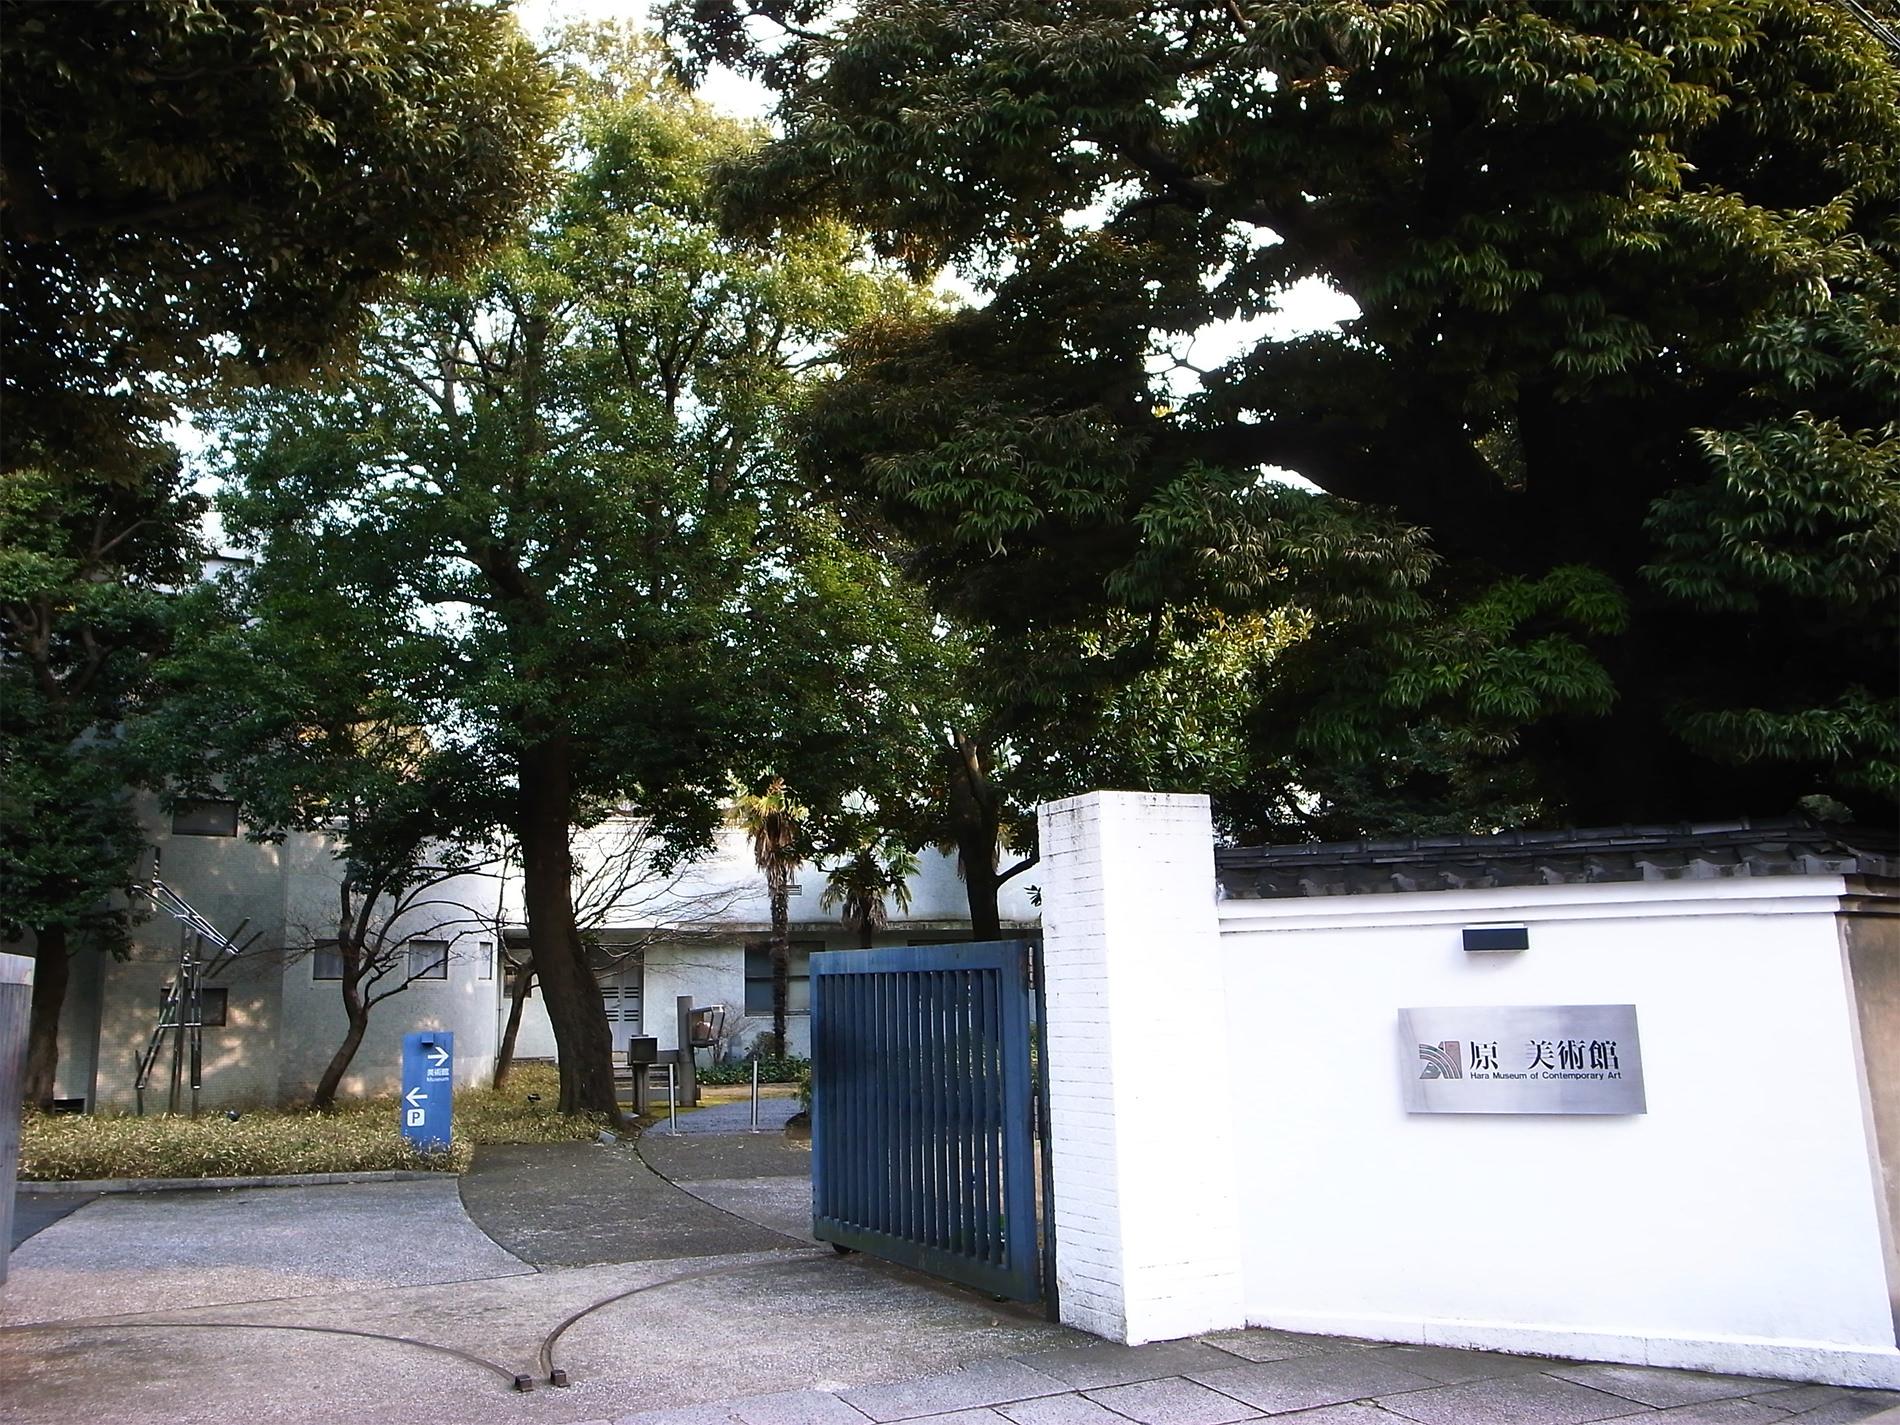 佐藤雅晴 - 東京尾行 / 原美術館